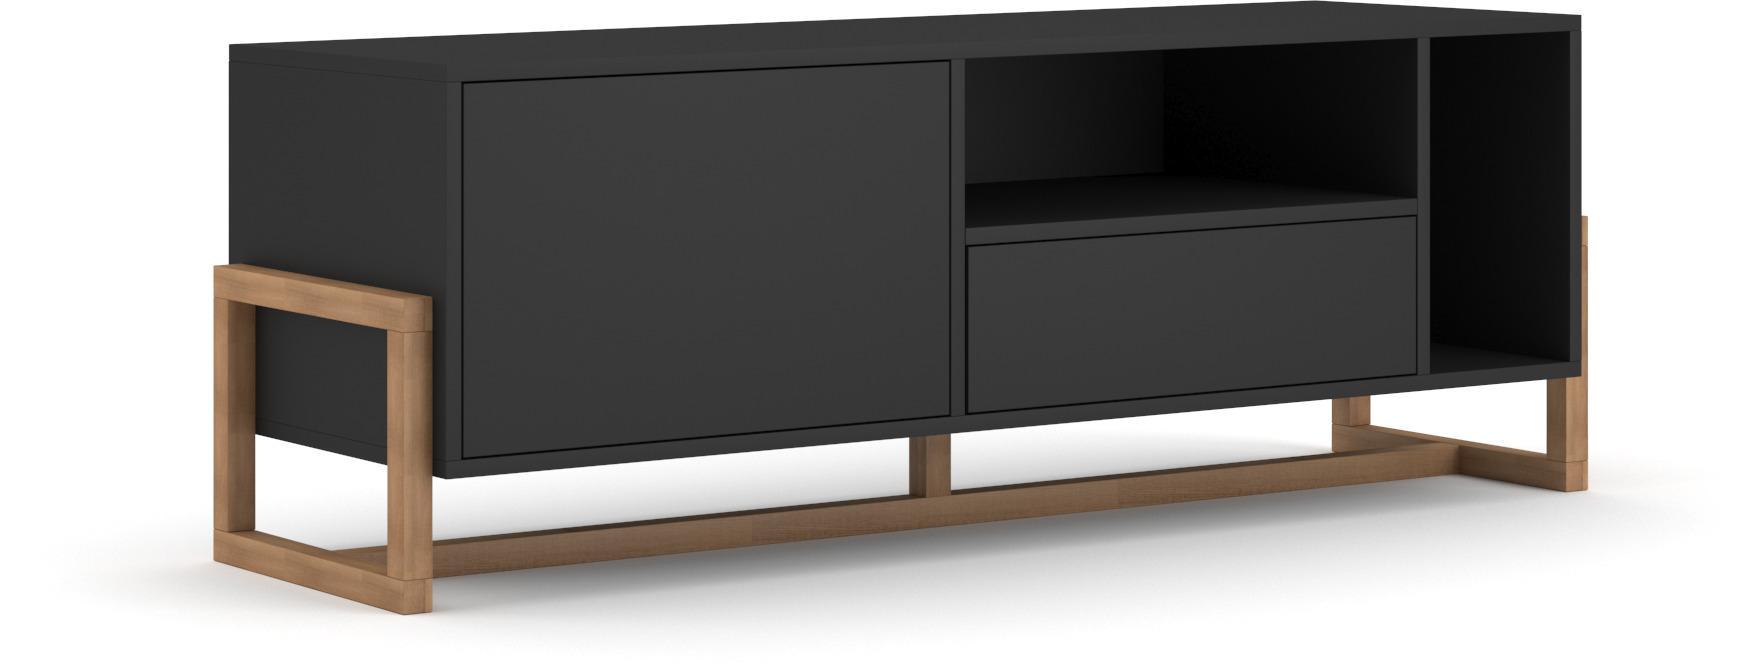 VIVALDI TV stolík OSLO čierny matný